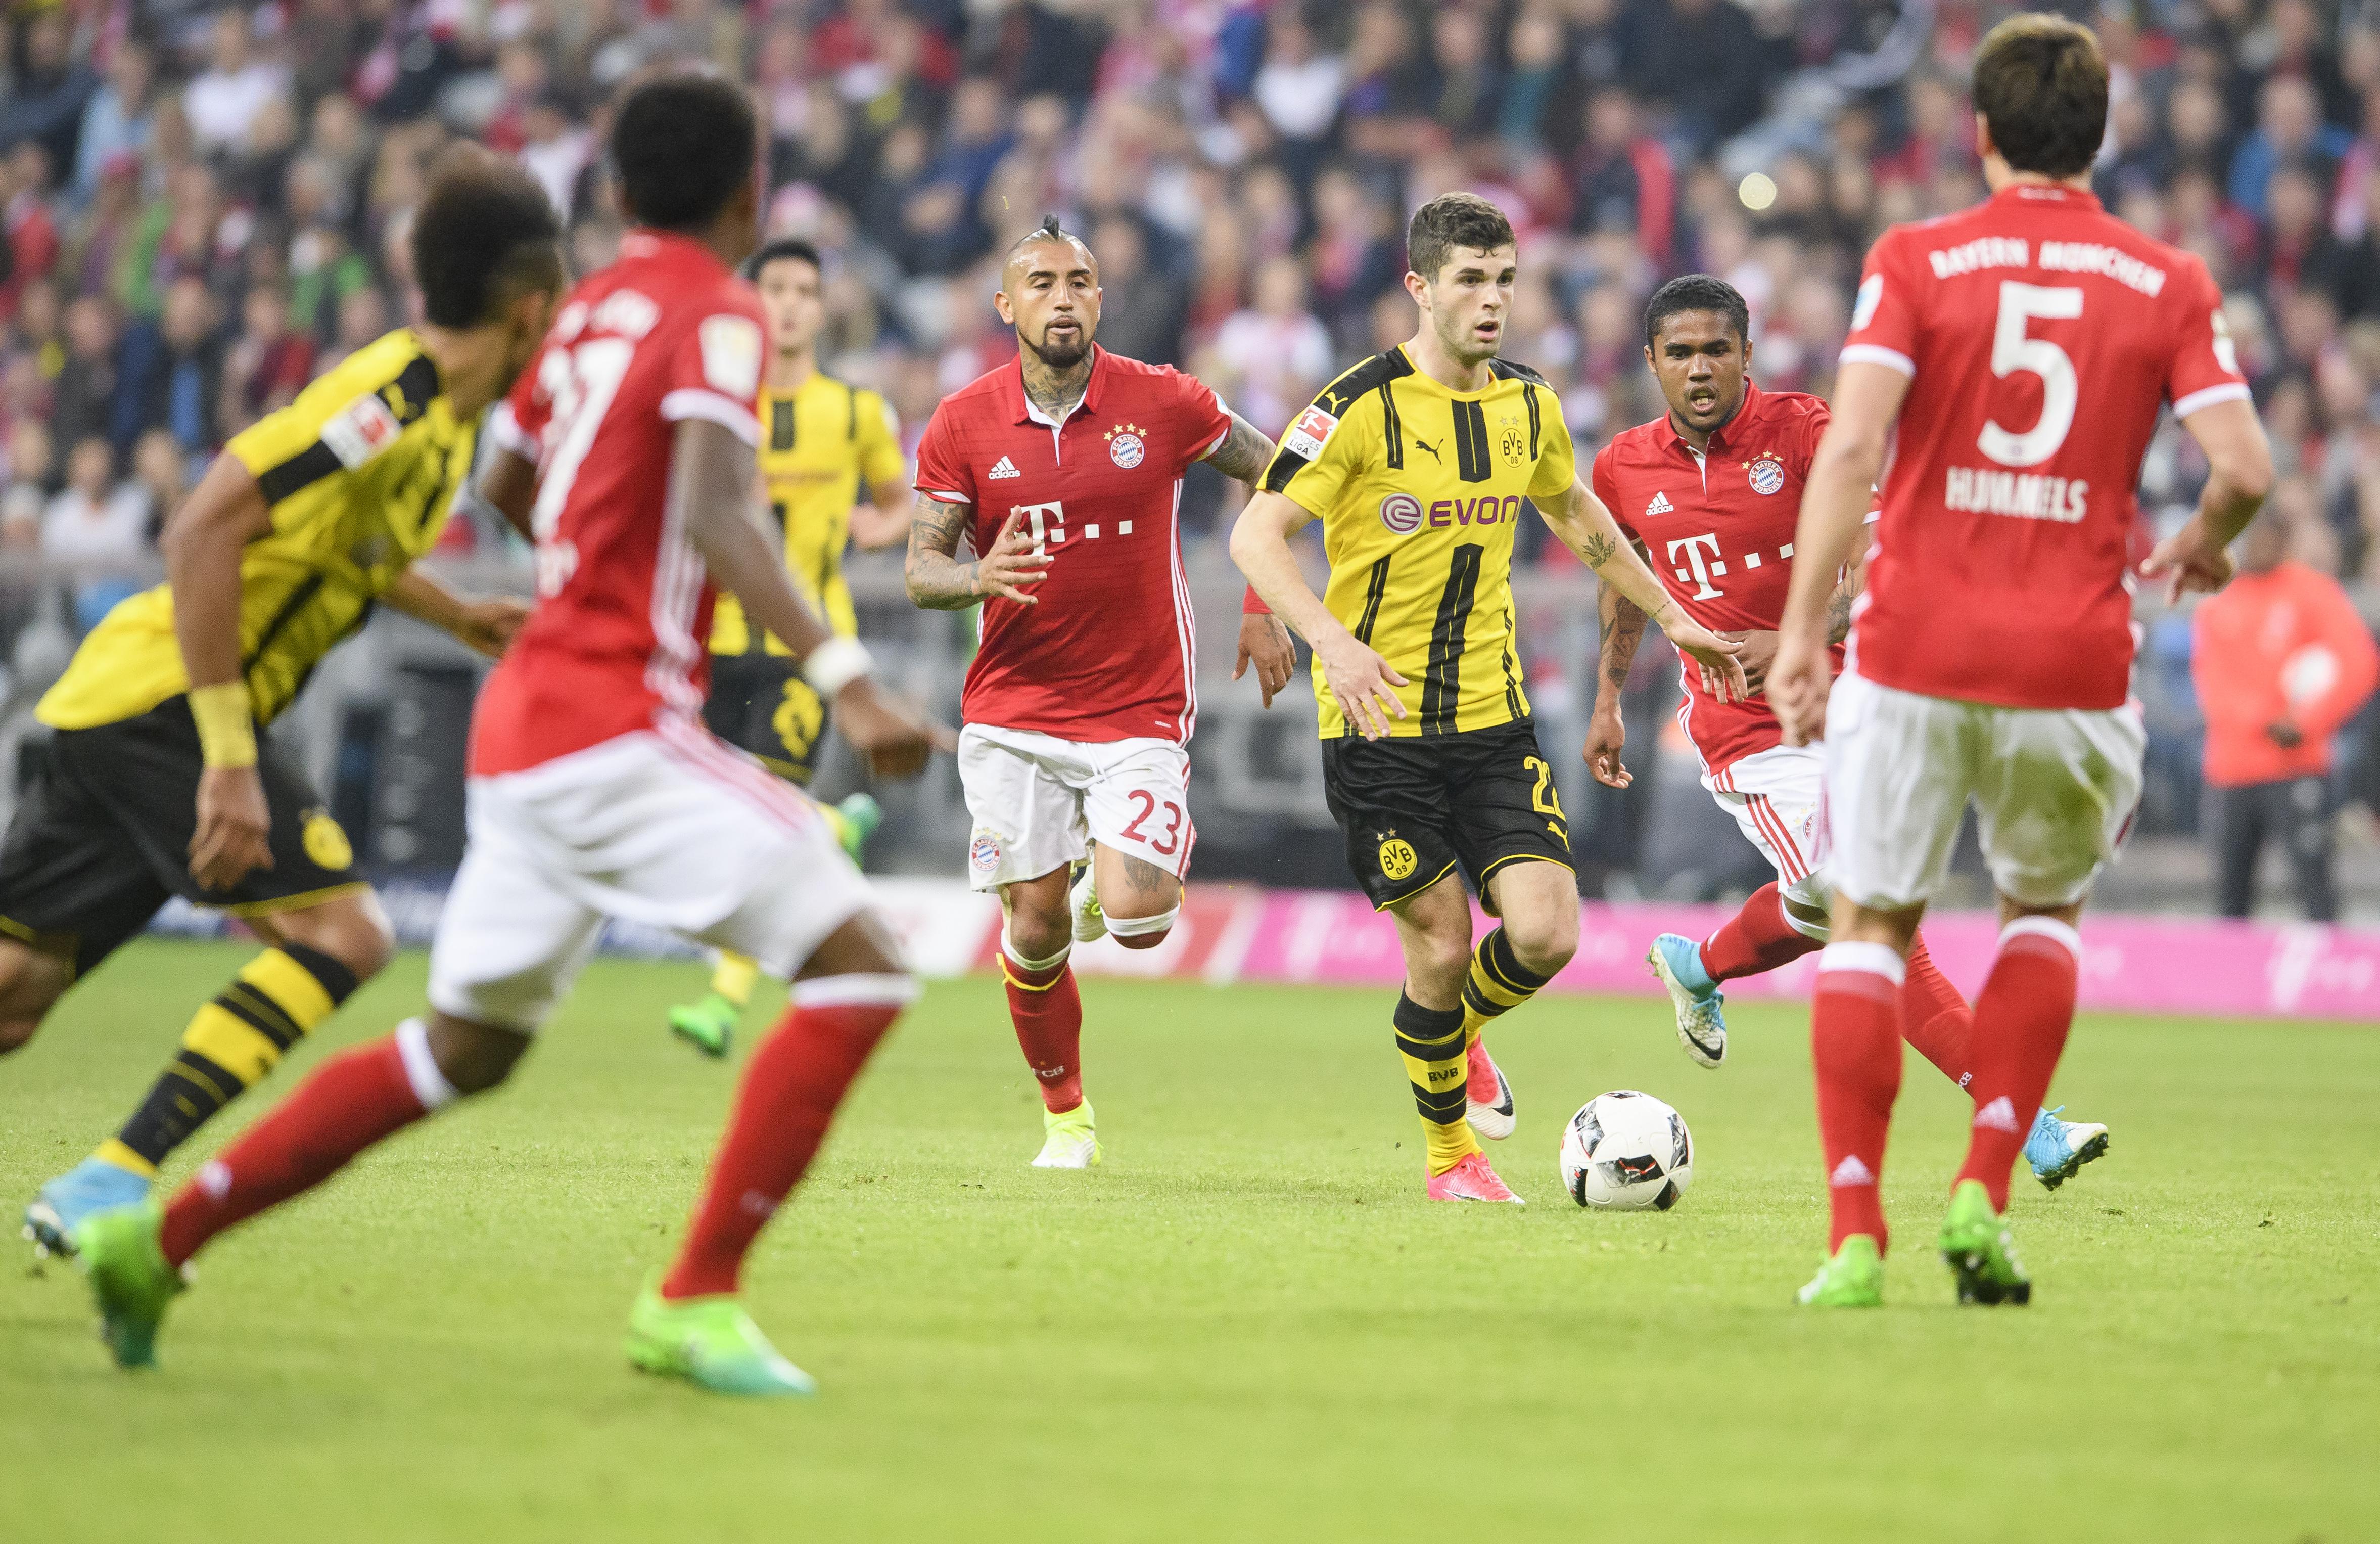 Sky mit Problemen beim Spiel Bayern München gegen Dortmund